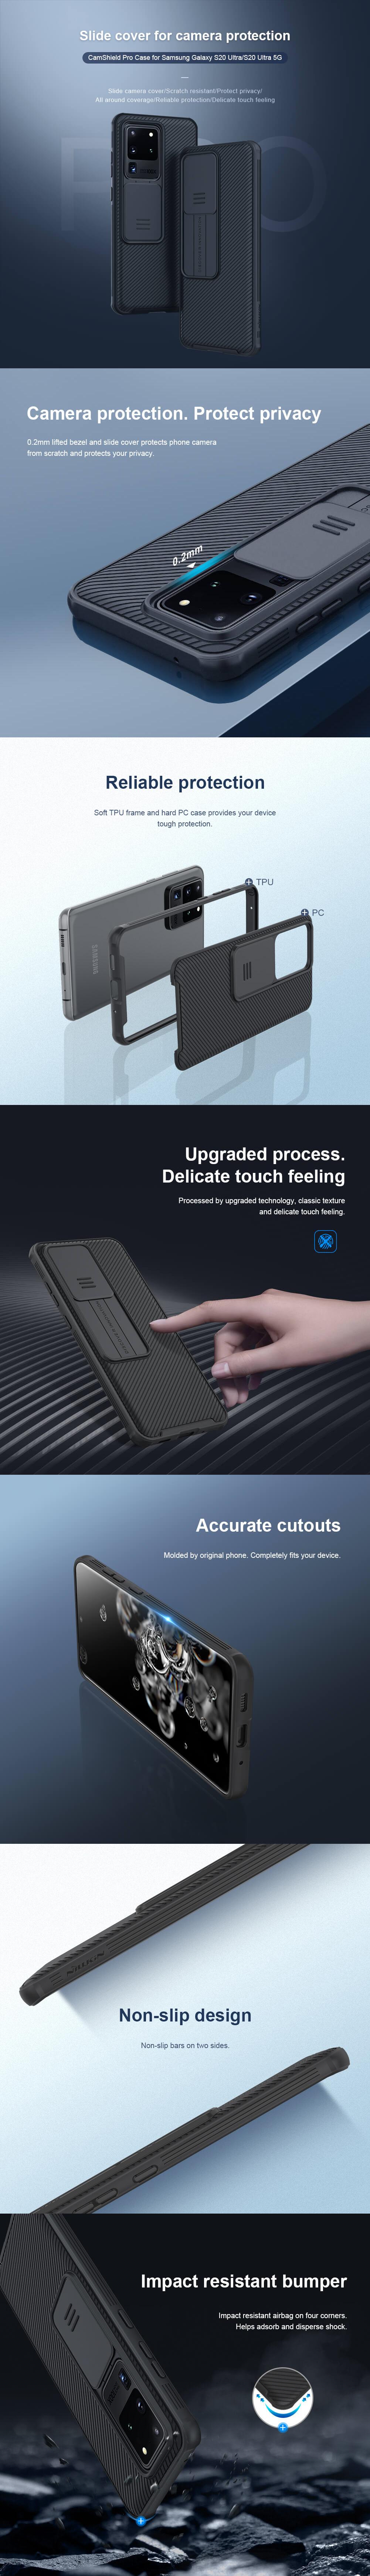 کاور اورجینال نیلکین مدل CamShield Pro مناسب برای گوشی موبایل سامسونگ اس 20 اولتر